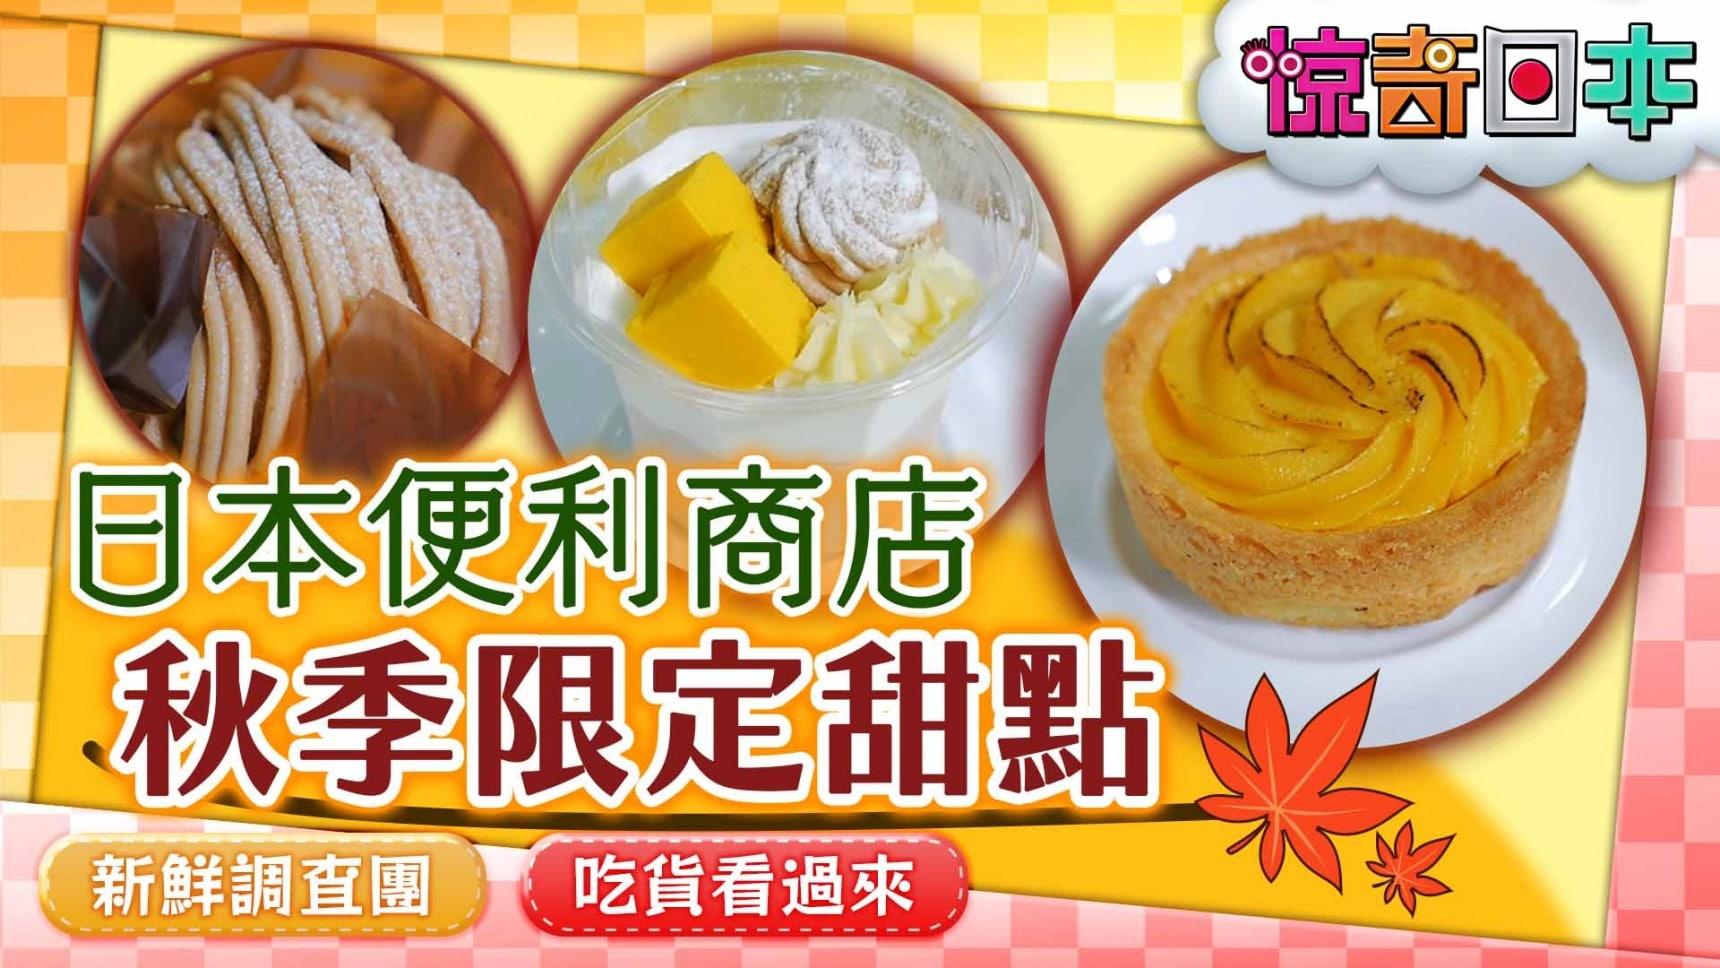 日本3大便利商店秋天限定甜點